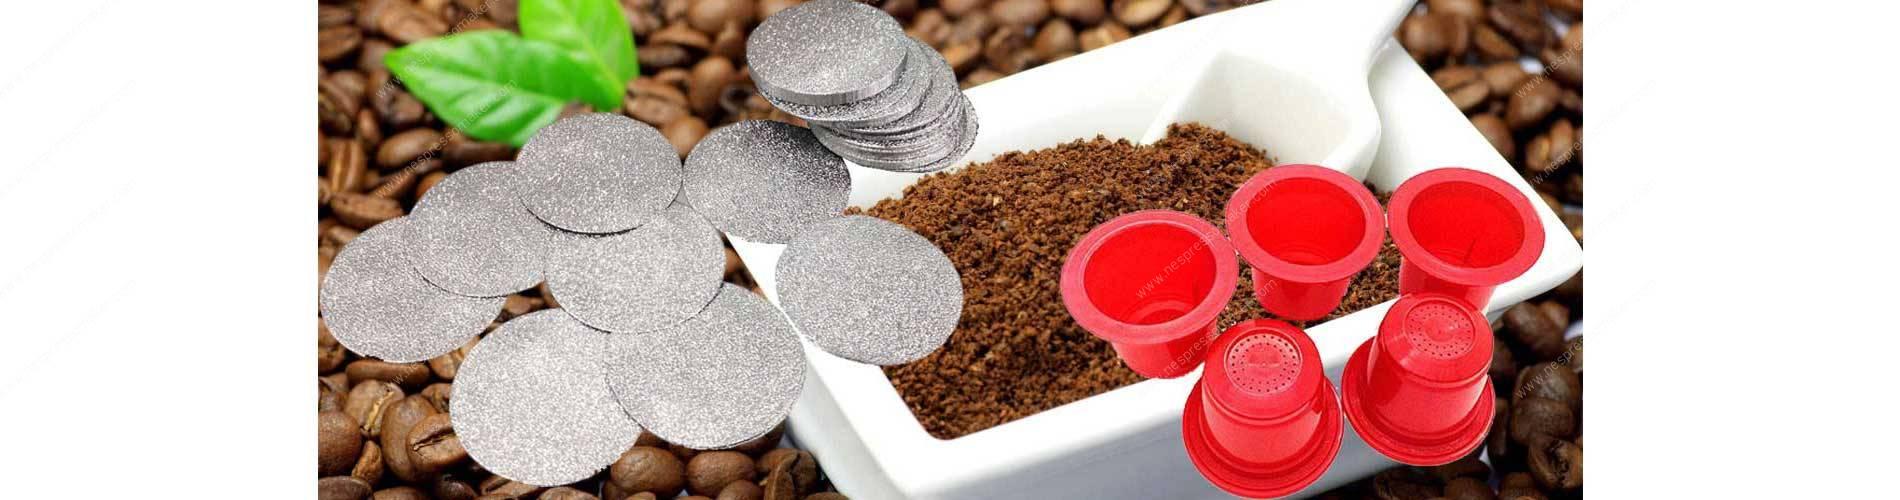 Aluminium Nespresso Lid and Empty Nespresso Capsules